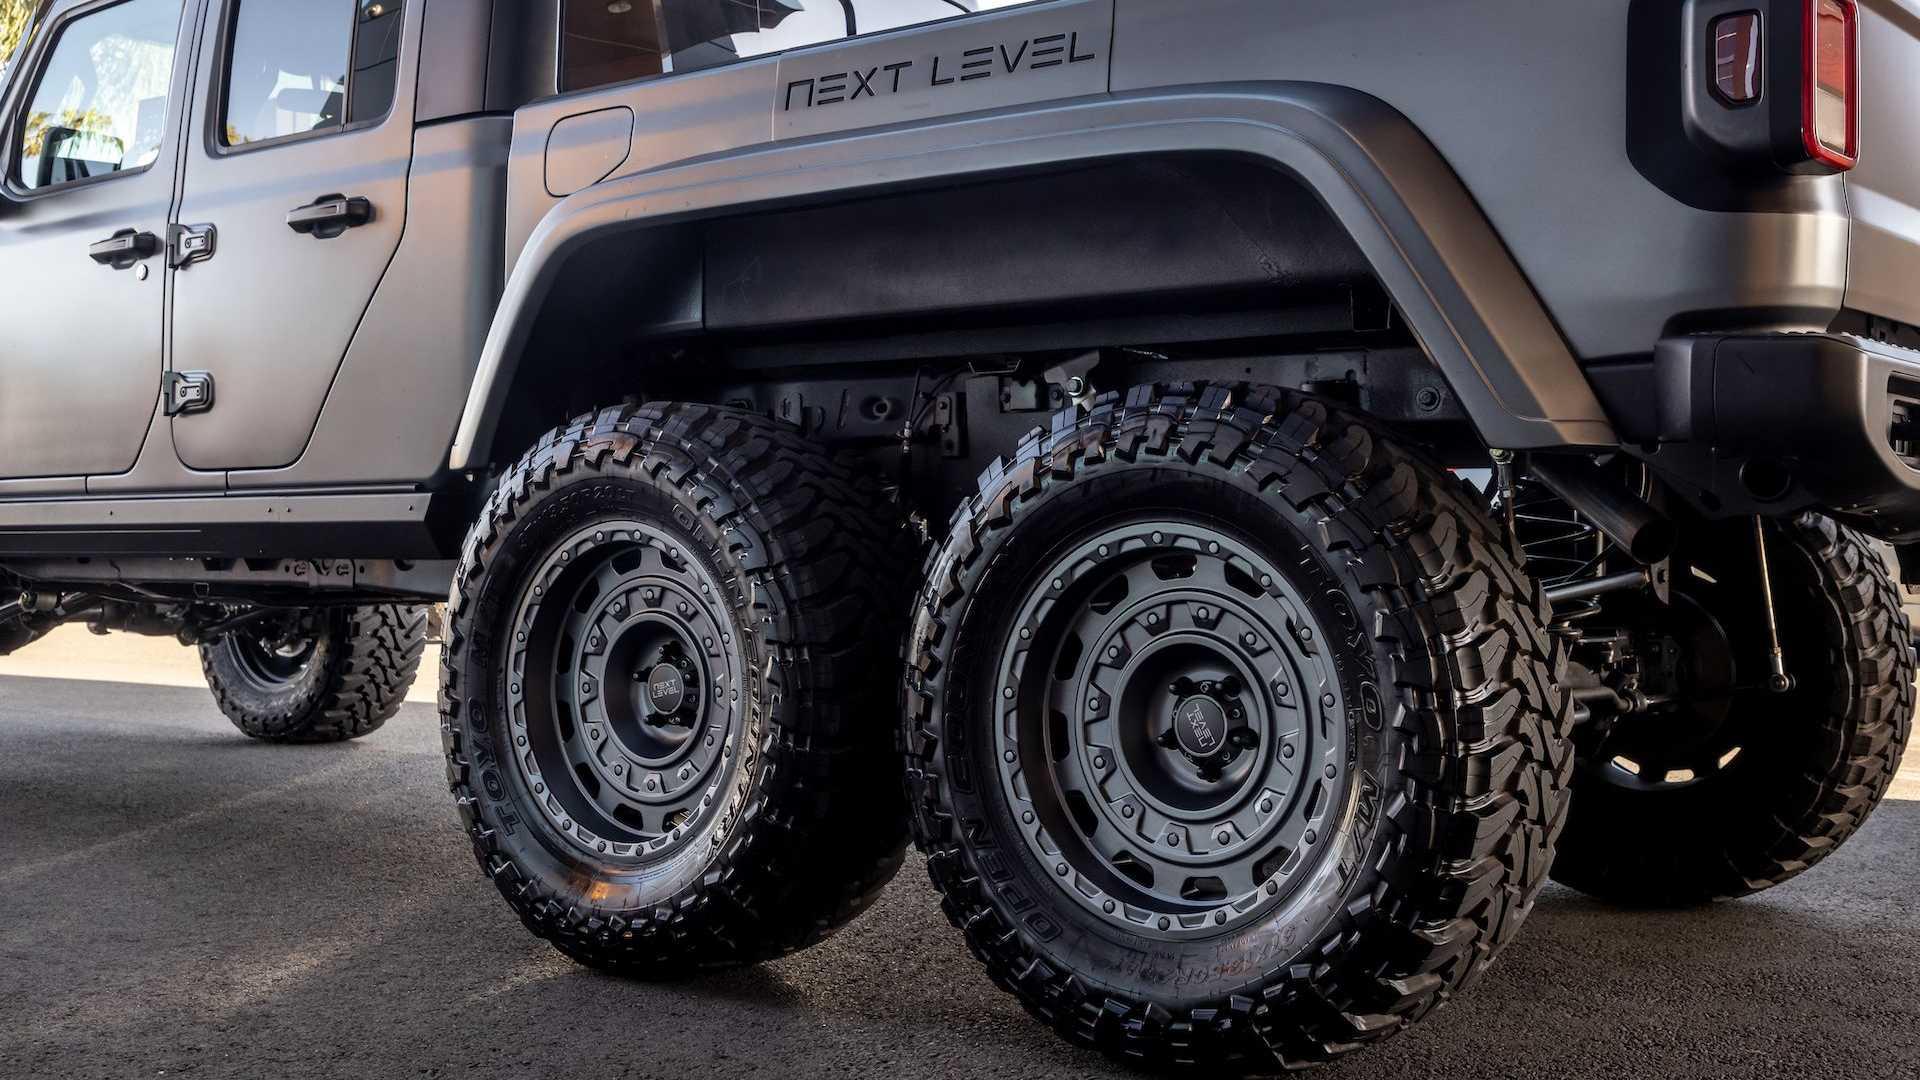 Jeep-Gladiator-6x6-by-Next-Level-33